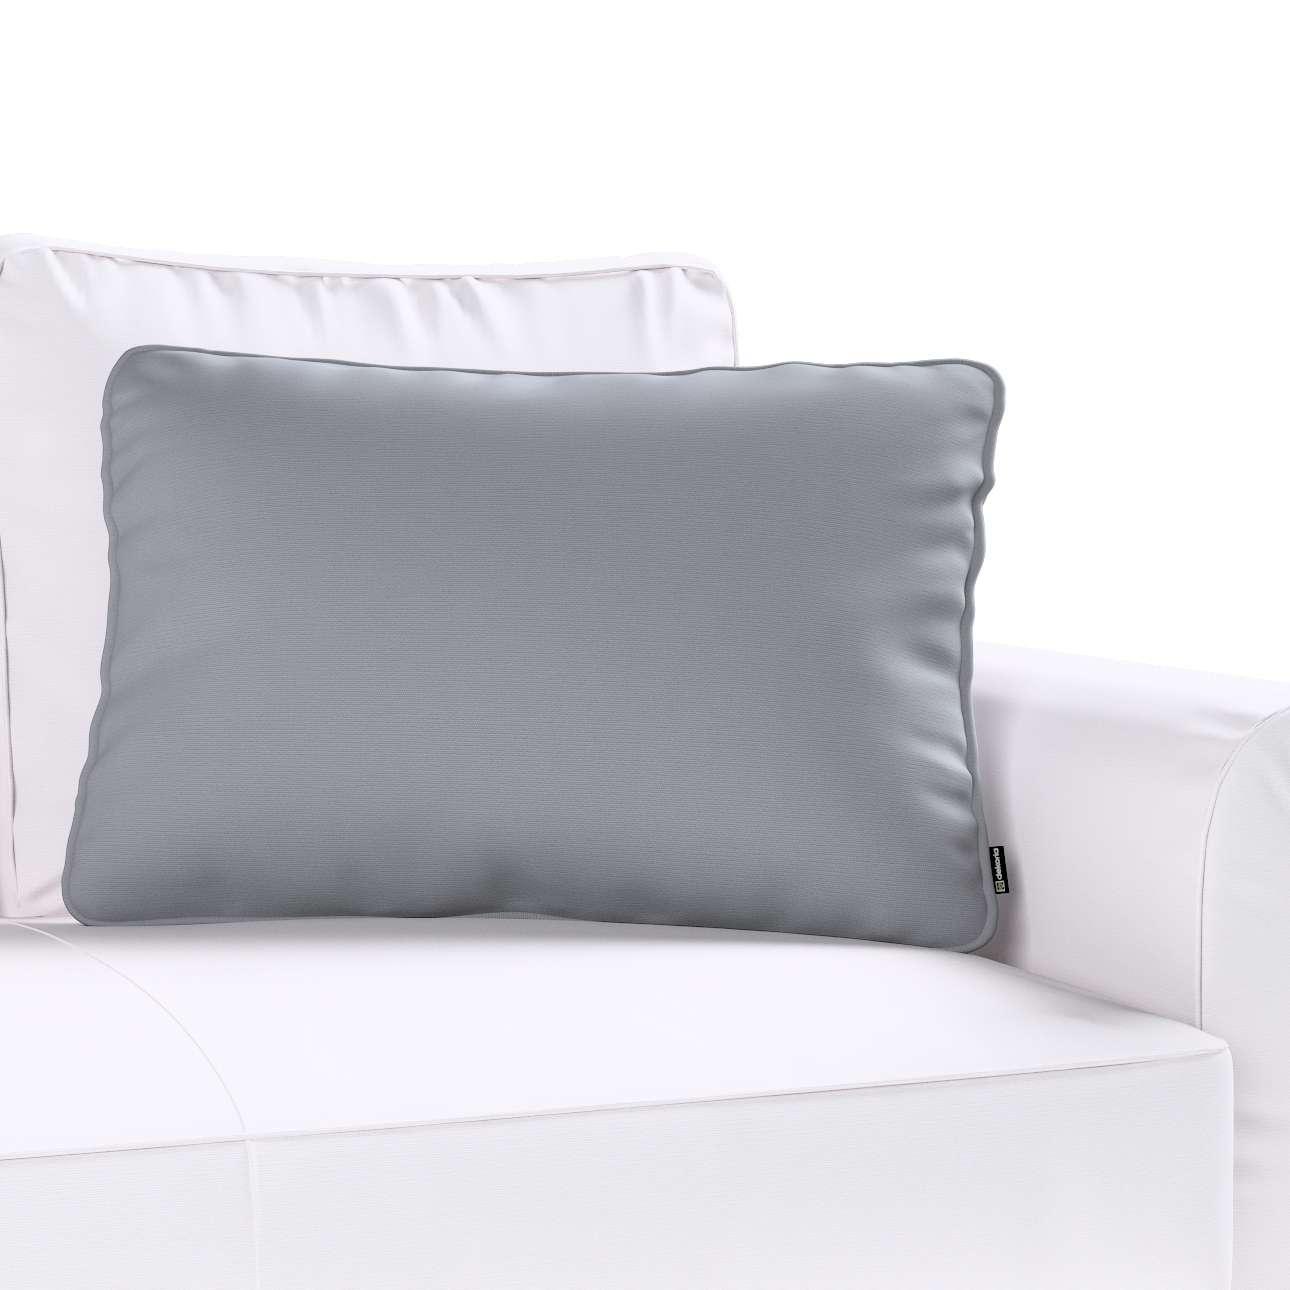 Poszewka Gabi na poduszkę prostokątna 60x40cm w kolekcji Cotton Panama, tkanina: 702-07